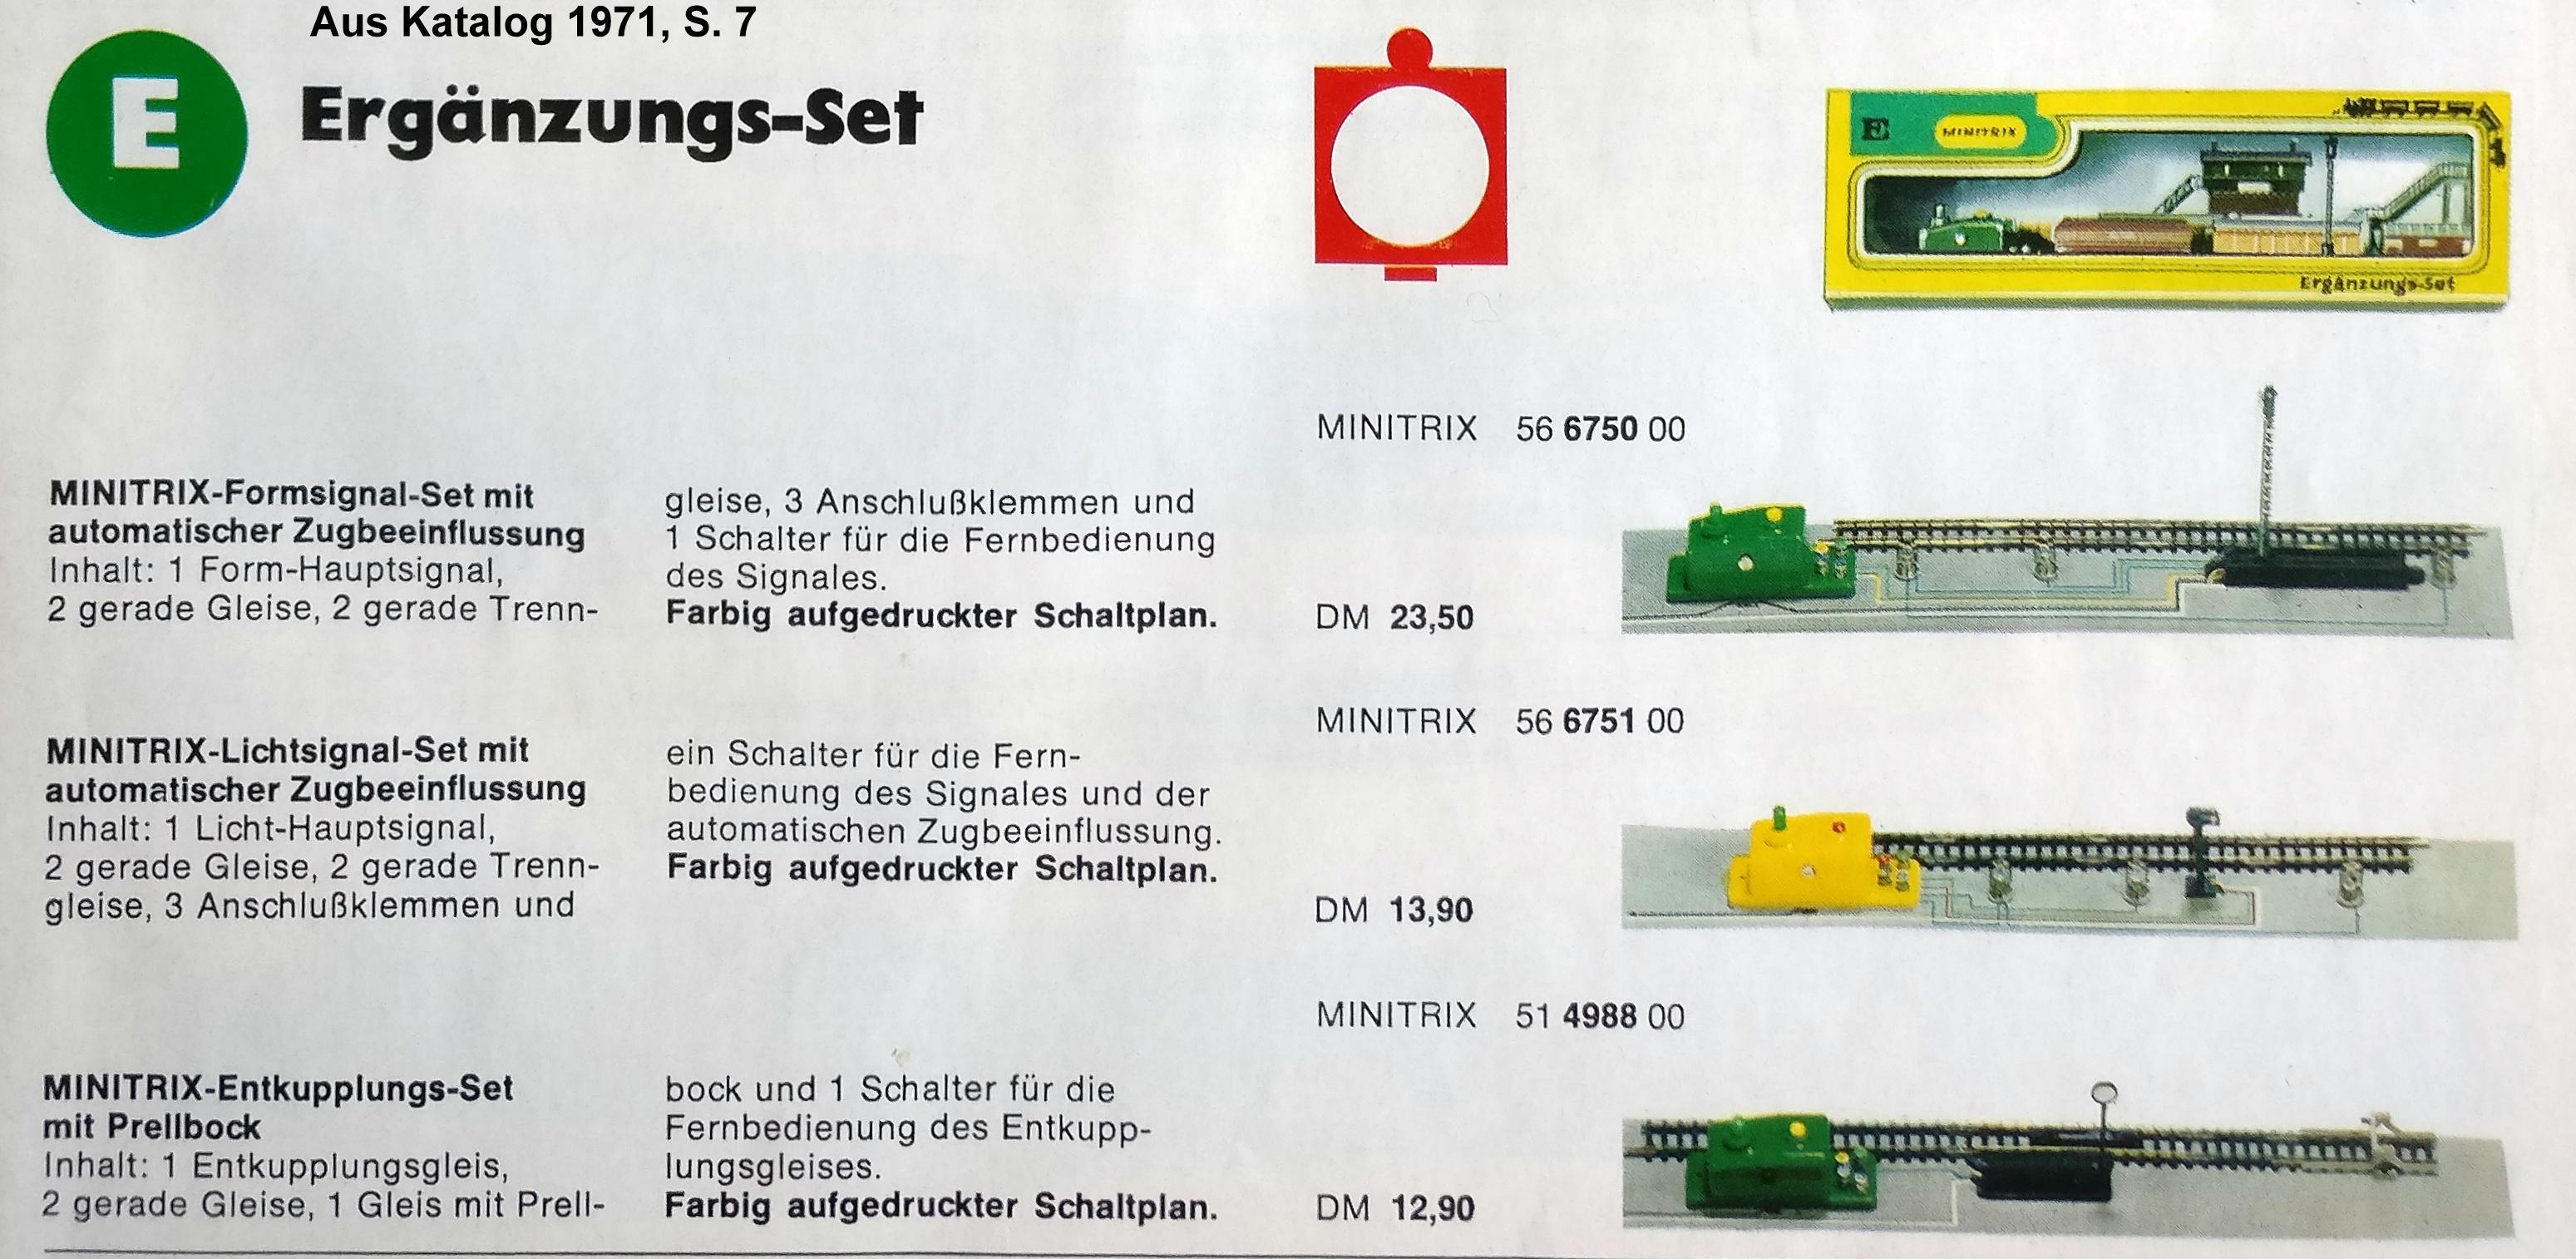 Alles für Modelleisenbahn in Spur-N - Modell: Minitrix 51 4988 00 ...